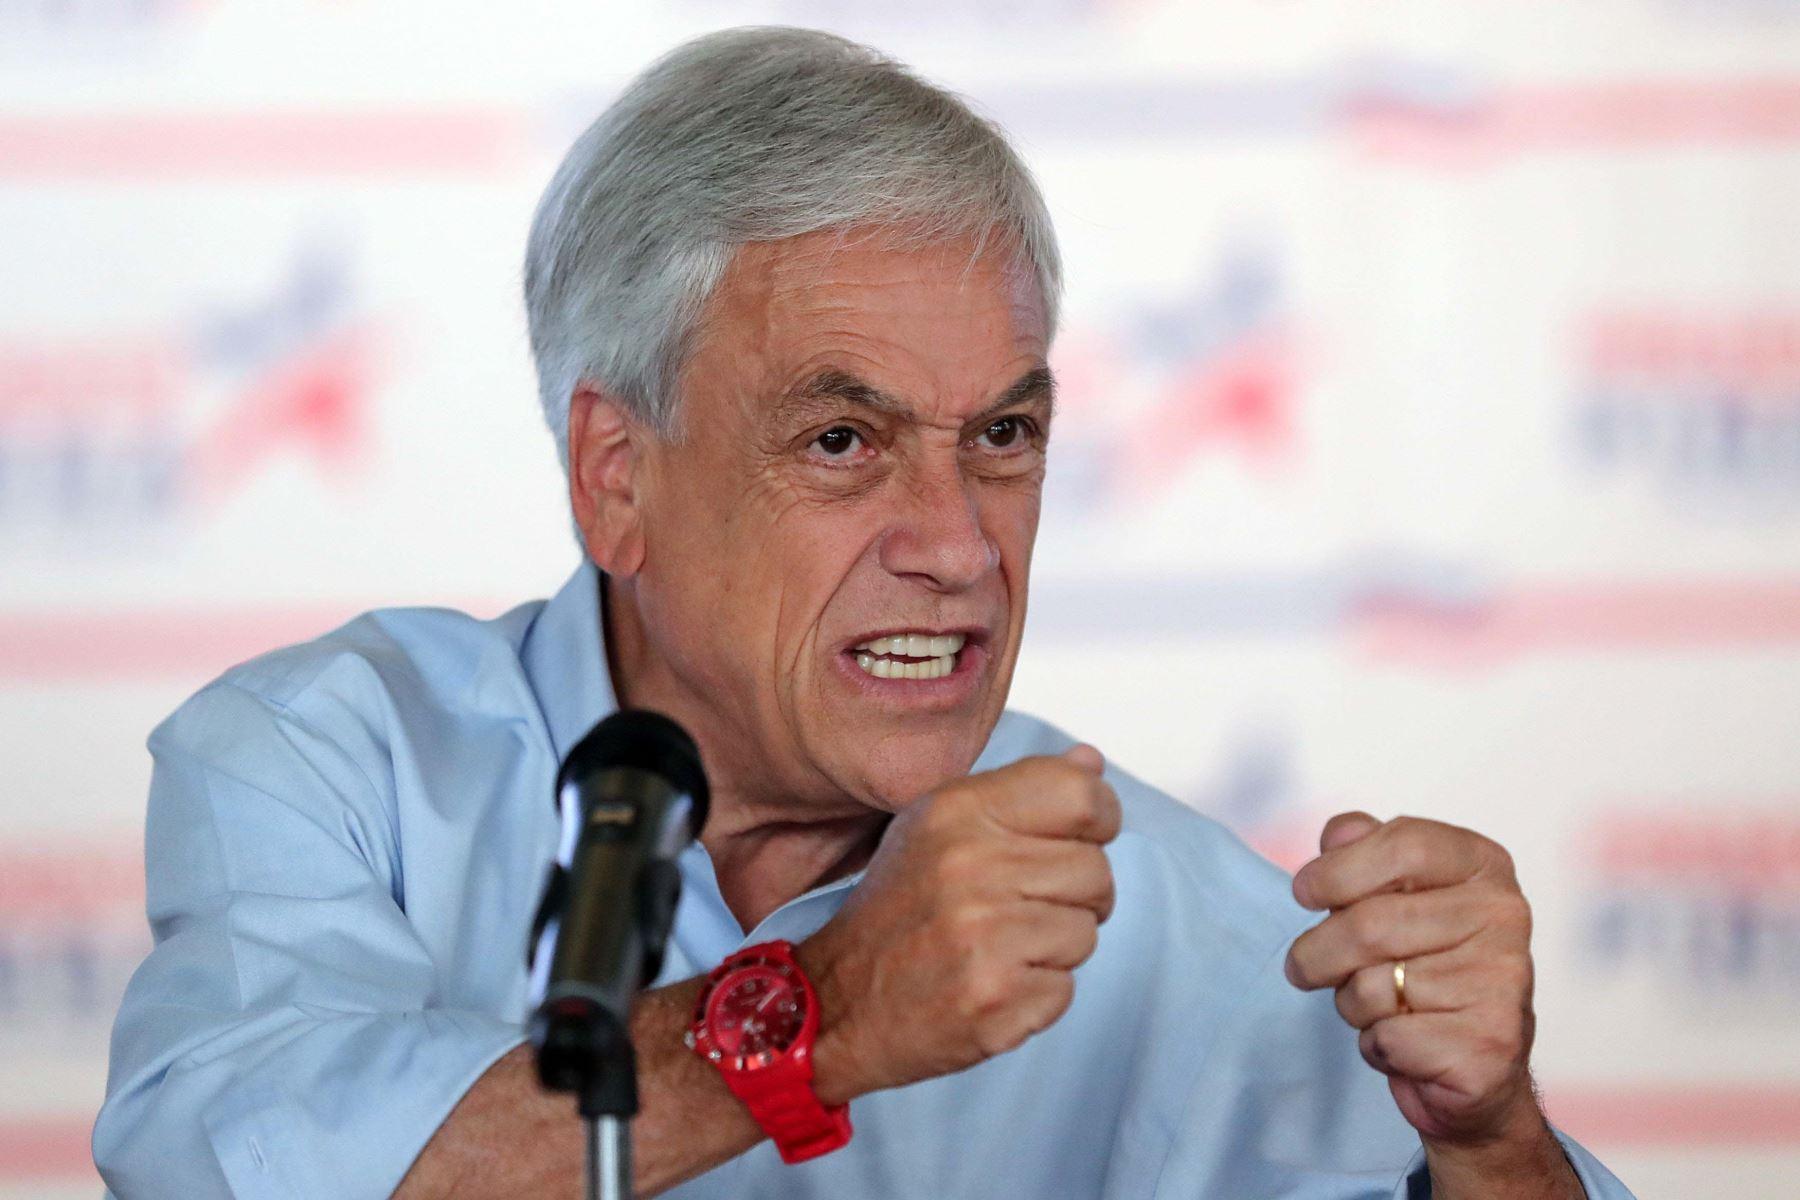 El expresidente  chileno Sebastián Piñera,obtuvo el 36,64% de los votos en  las elecciones, habla durante un encuentro con corresponsales extranjeros. Foto:EFE